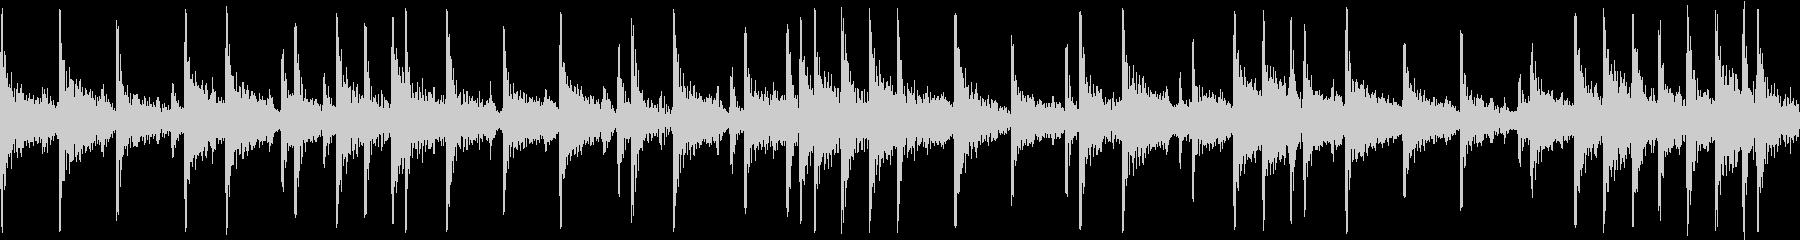 和太鼓で重たいリズムの短めループフレーズの未再生の波形